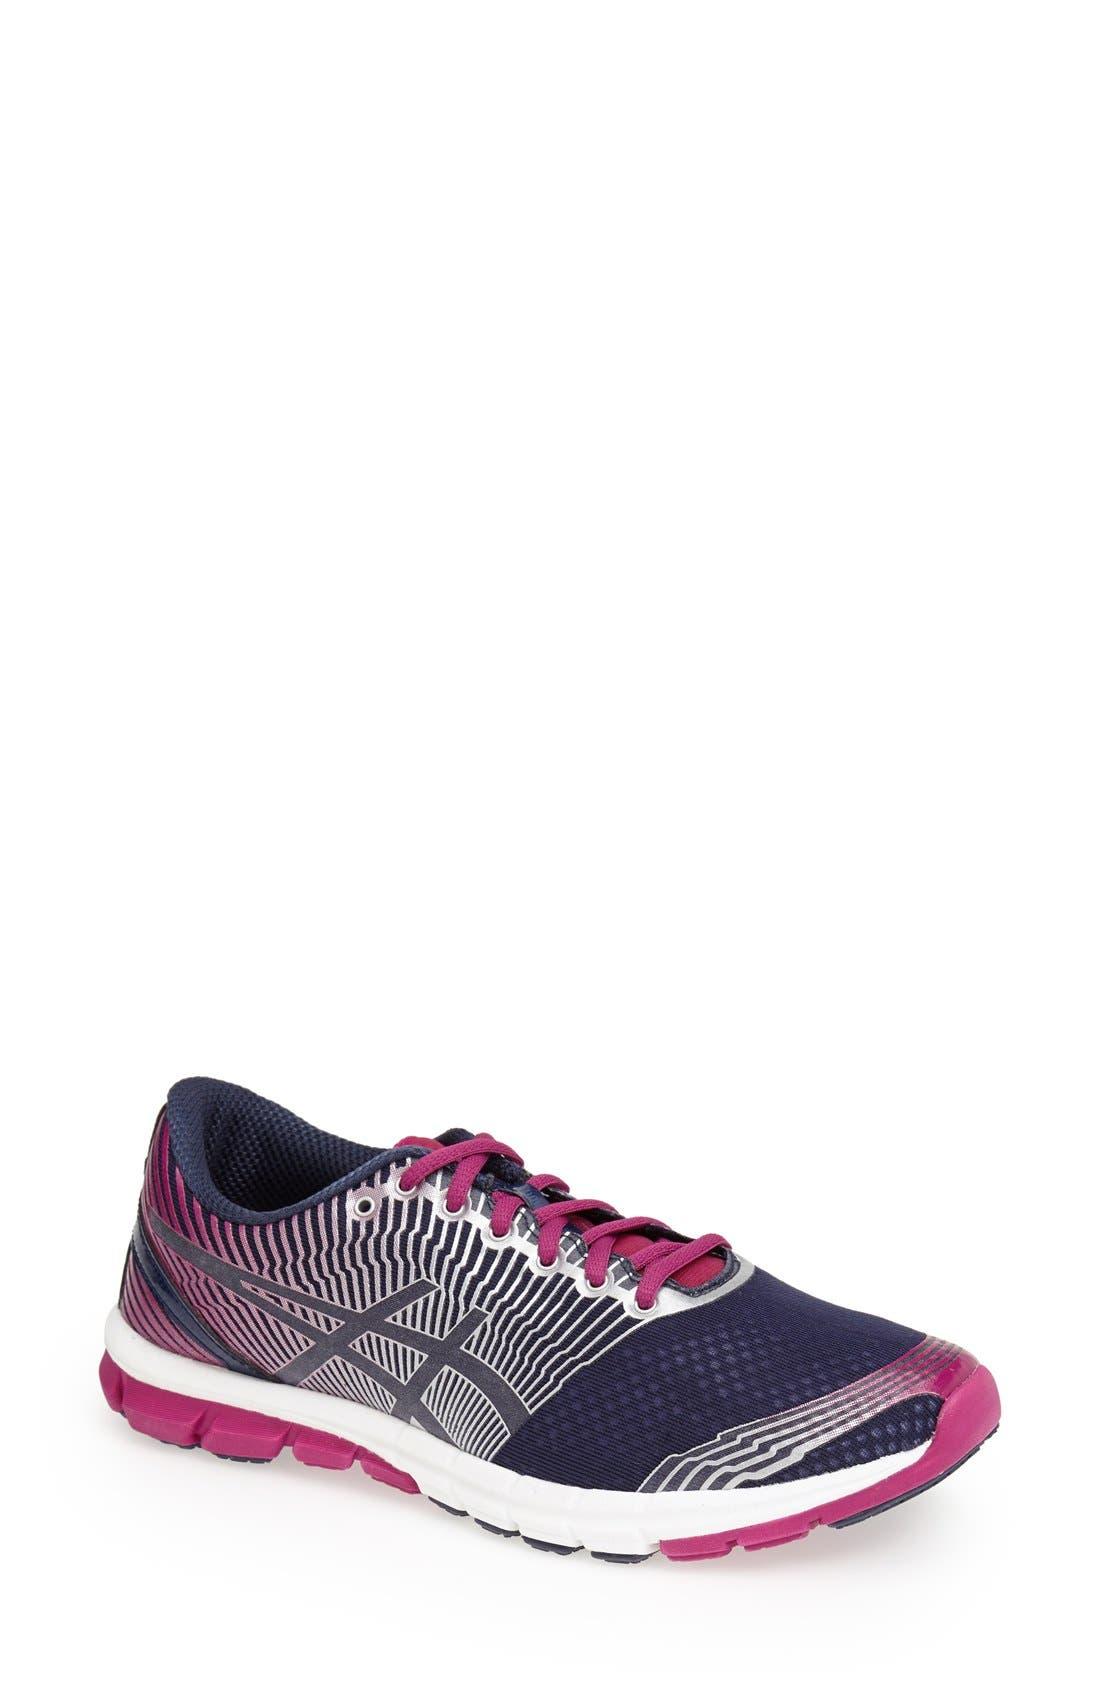 Main Image - ASICS® 'GEL-Lyte 33 3.0' Running Shoe (Women) (Regular Retail Price: $84.95)